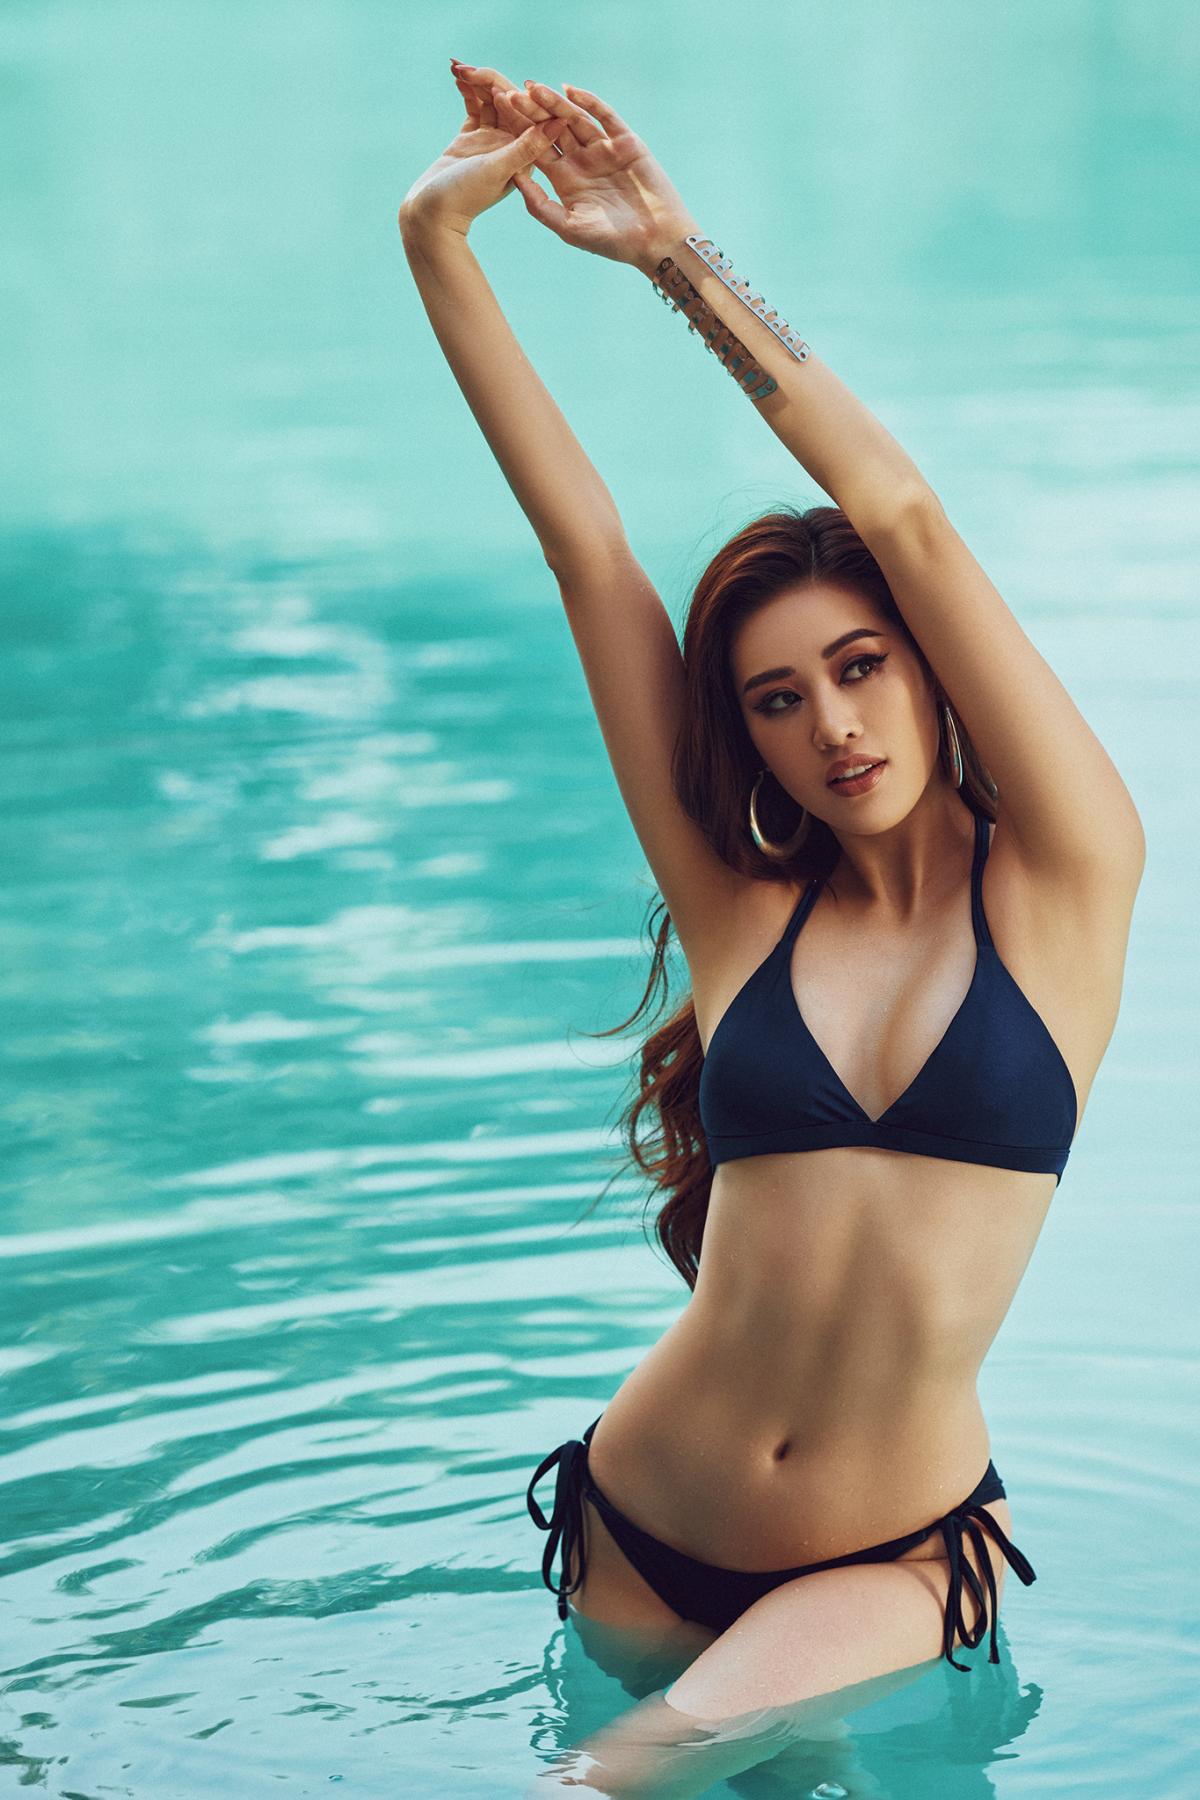 Mãn nhãn bộ ảnh bikini nóng bỏng của Hoa hậu Khánh Vân tại hồ bơi - Ảnh 5.